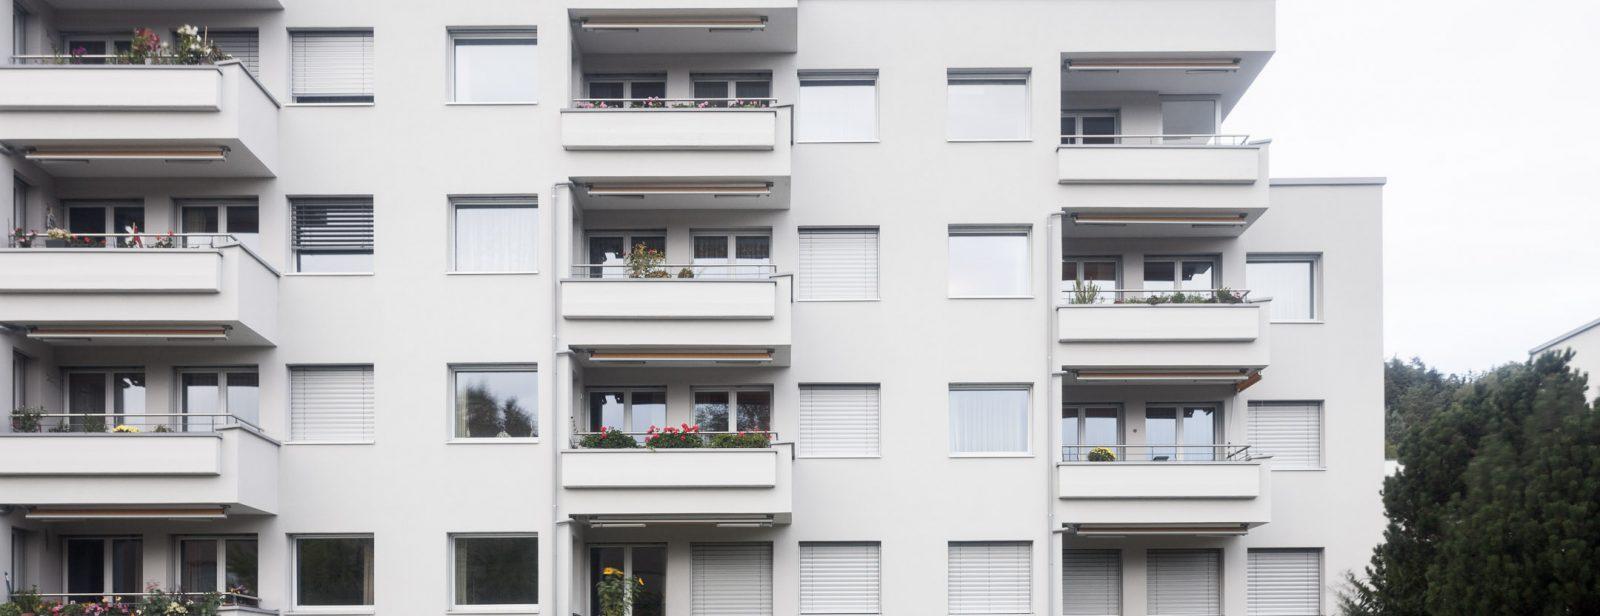 Umbau und Sanierung MFH Zweiackerstrasse, Zürich